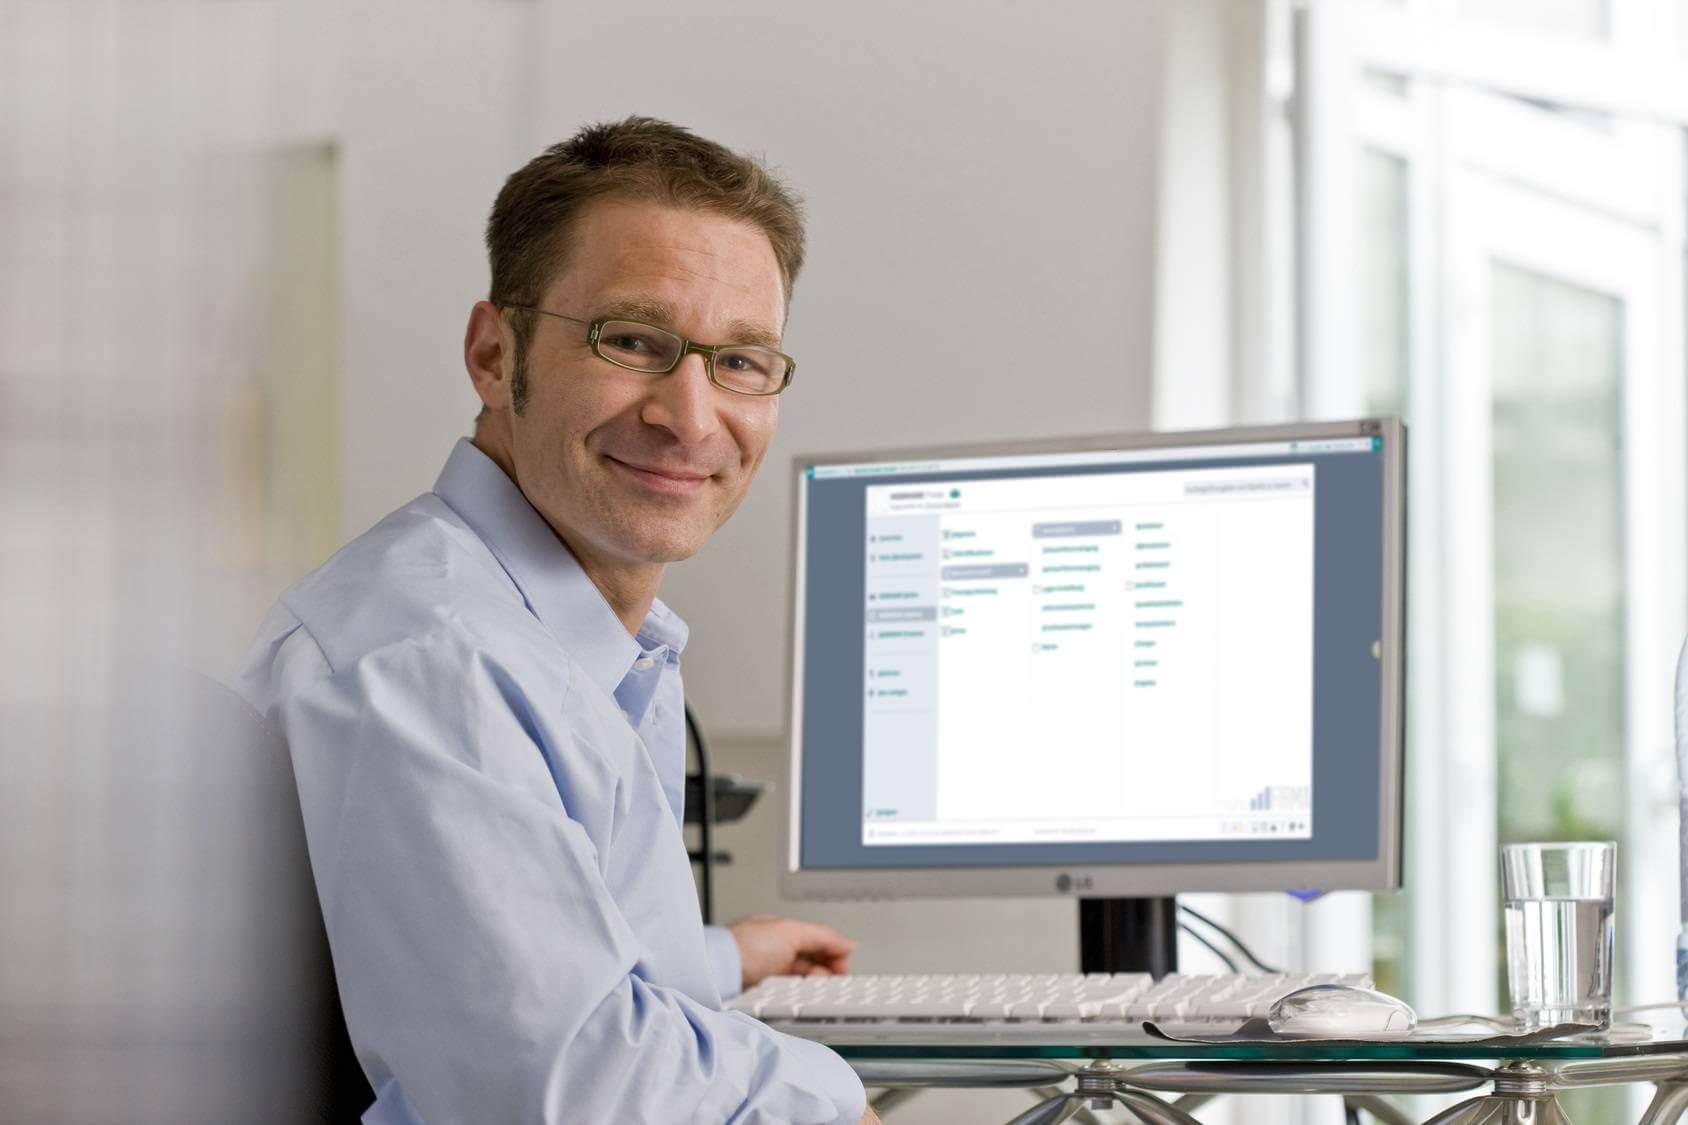 Ein Mann mit WEBWARE Bildschirm im Hintergrund - Softwarebetreuung Festpreis Kunde